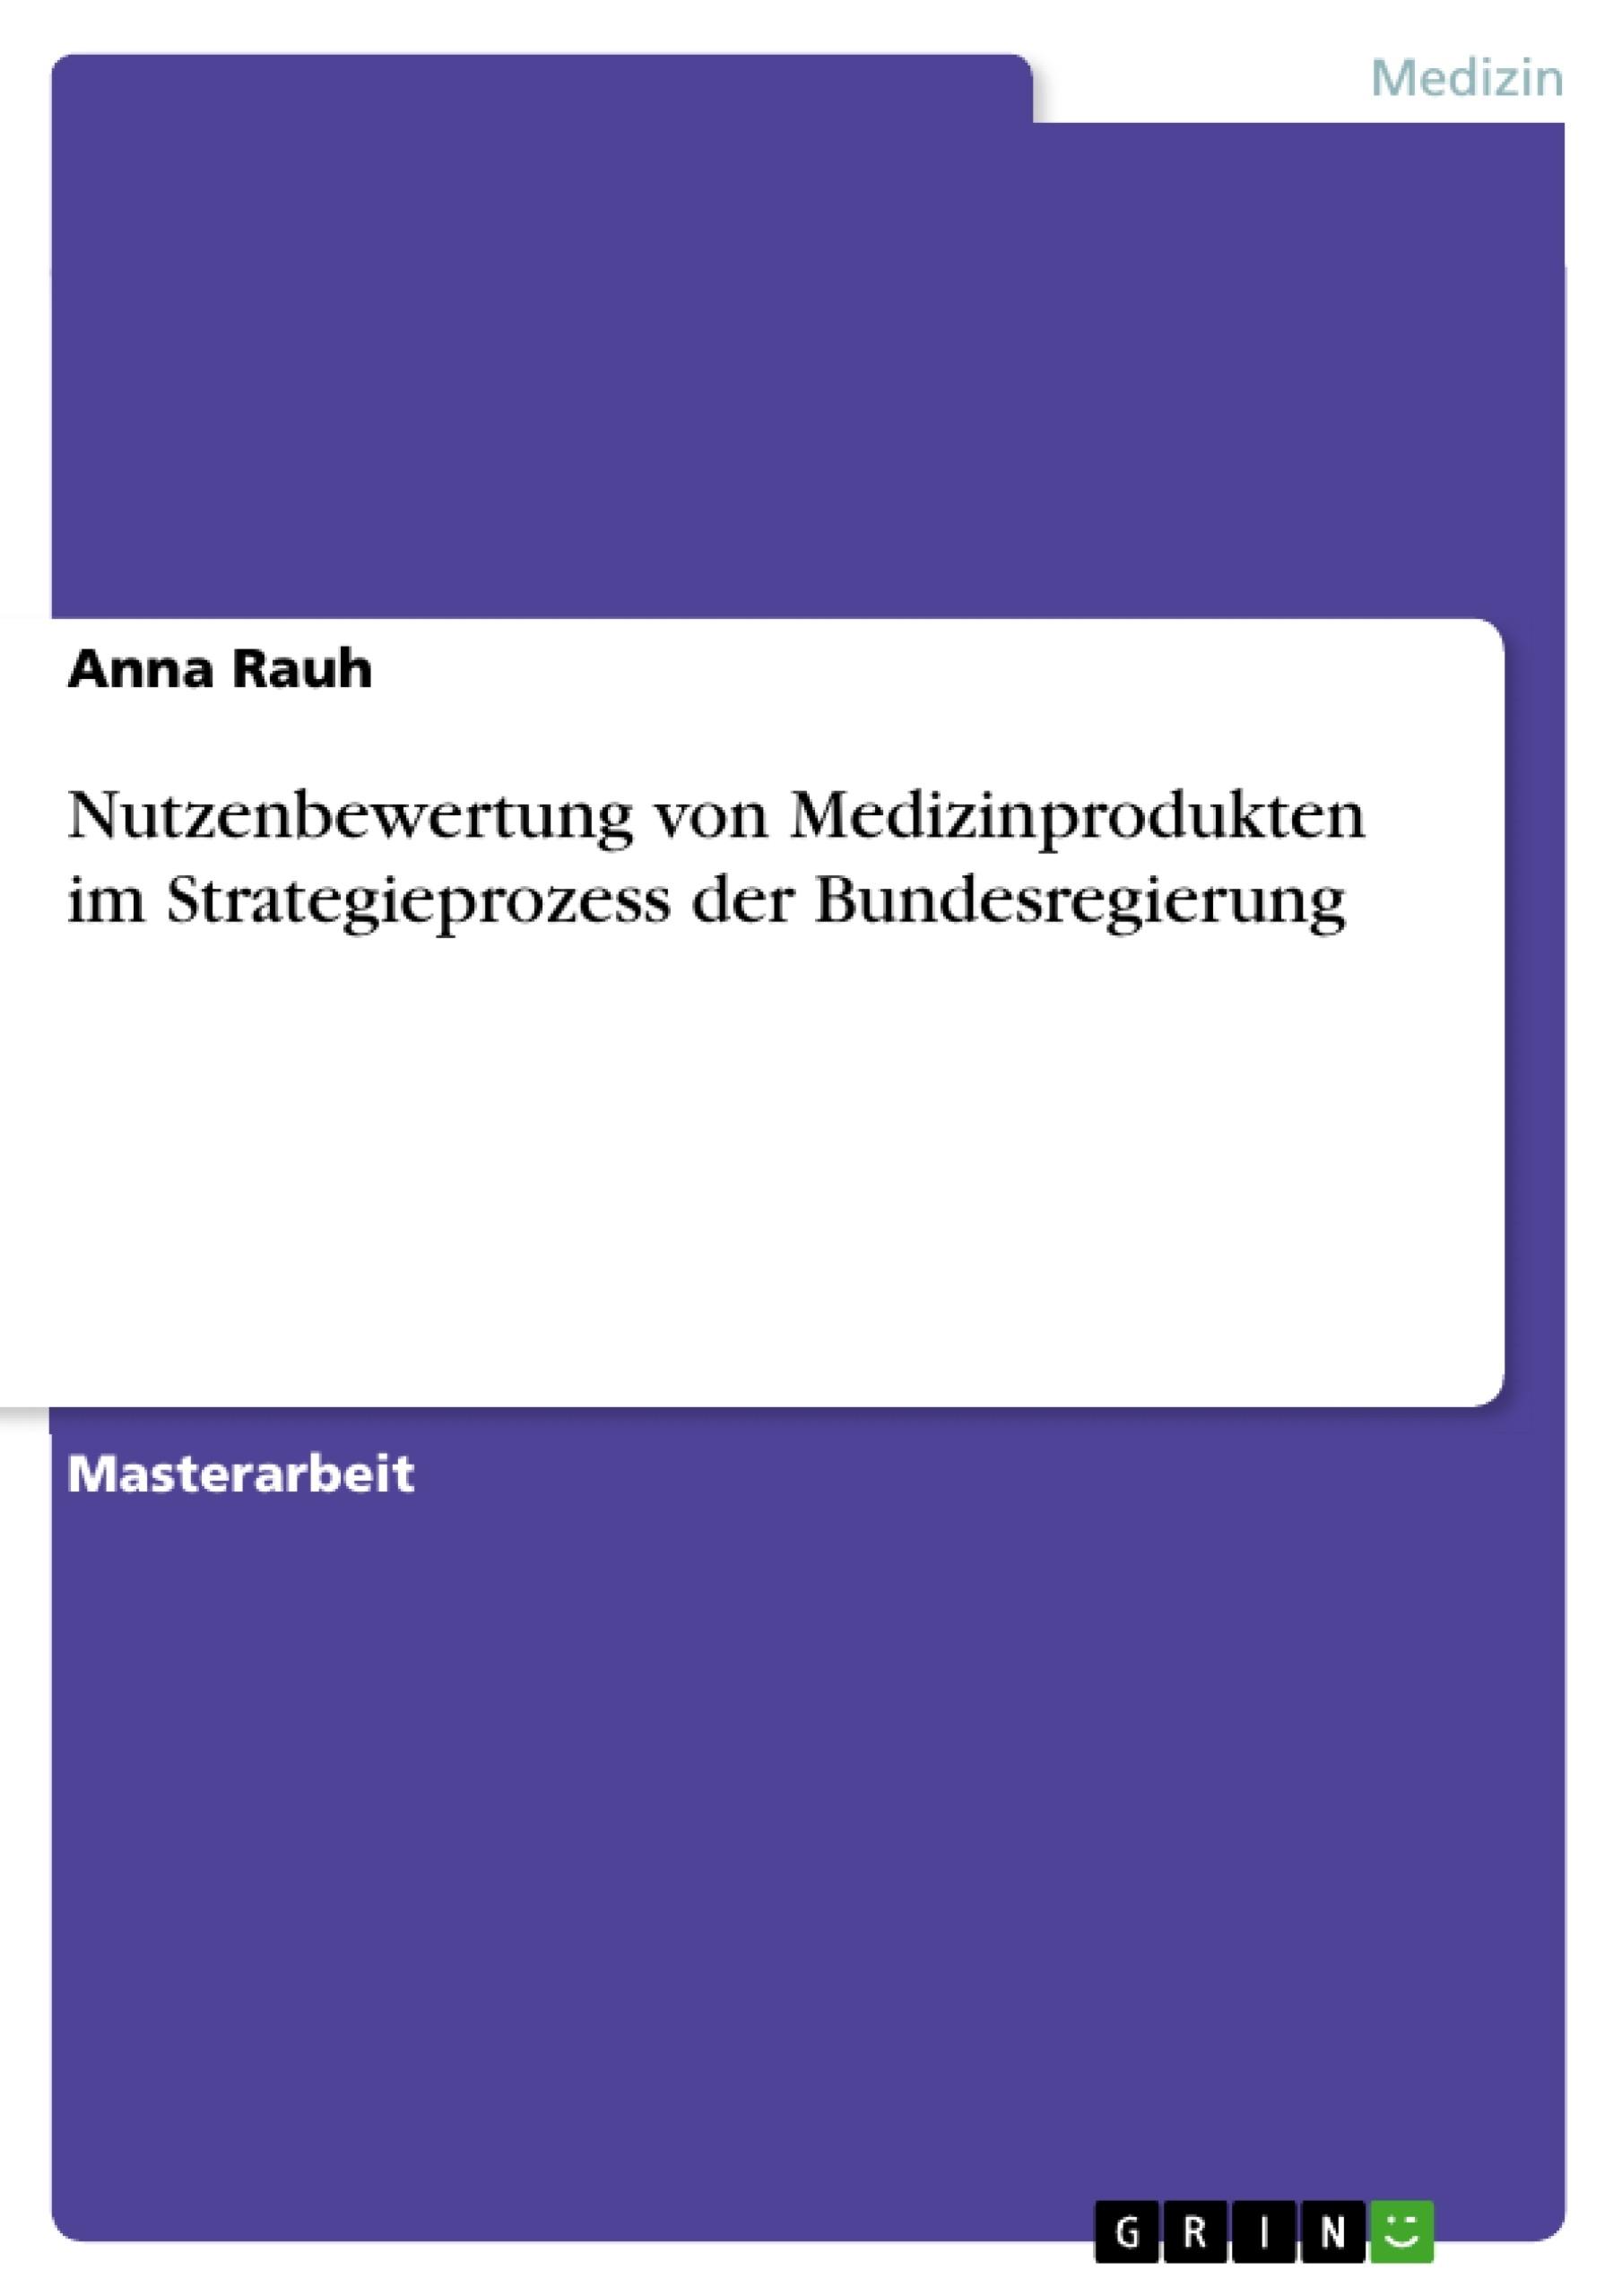 Titel: Nutzenbewertung von Medizinprodukten im Strategieprozess der Bundesregierung